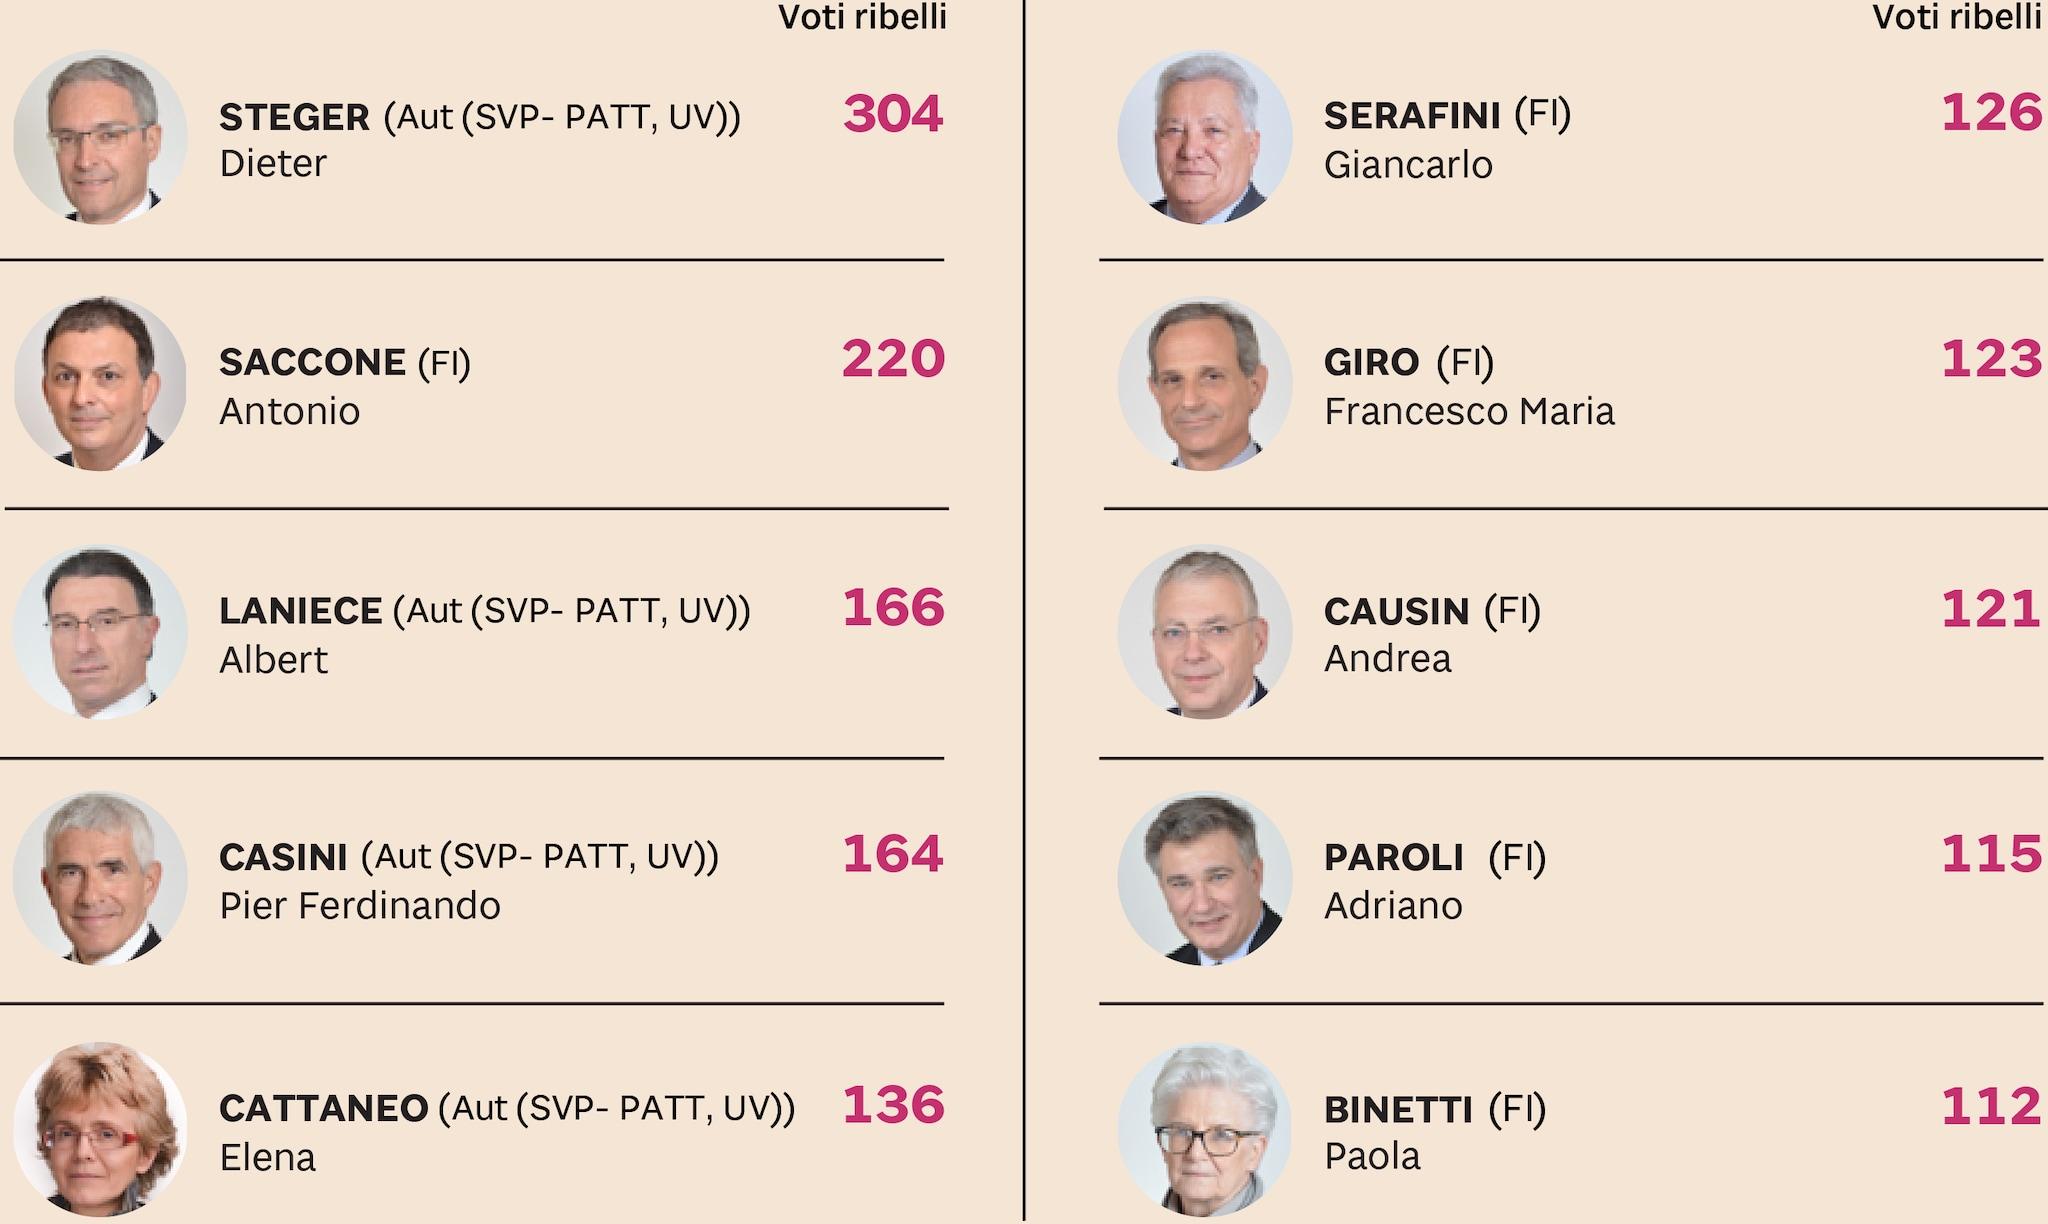 ECCO I PRIMI 10 PARLAMENTARI RIBELLI DEL SENATO